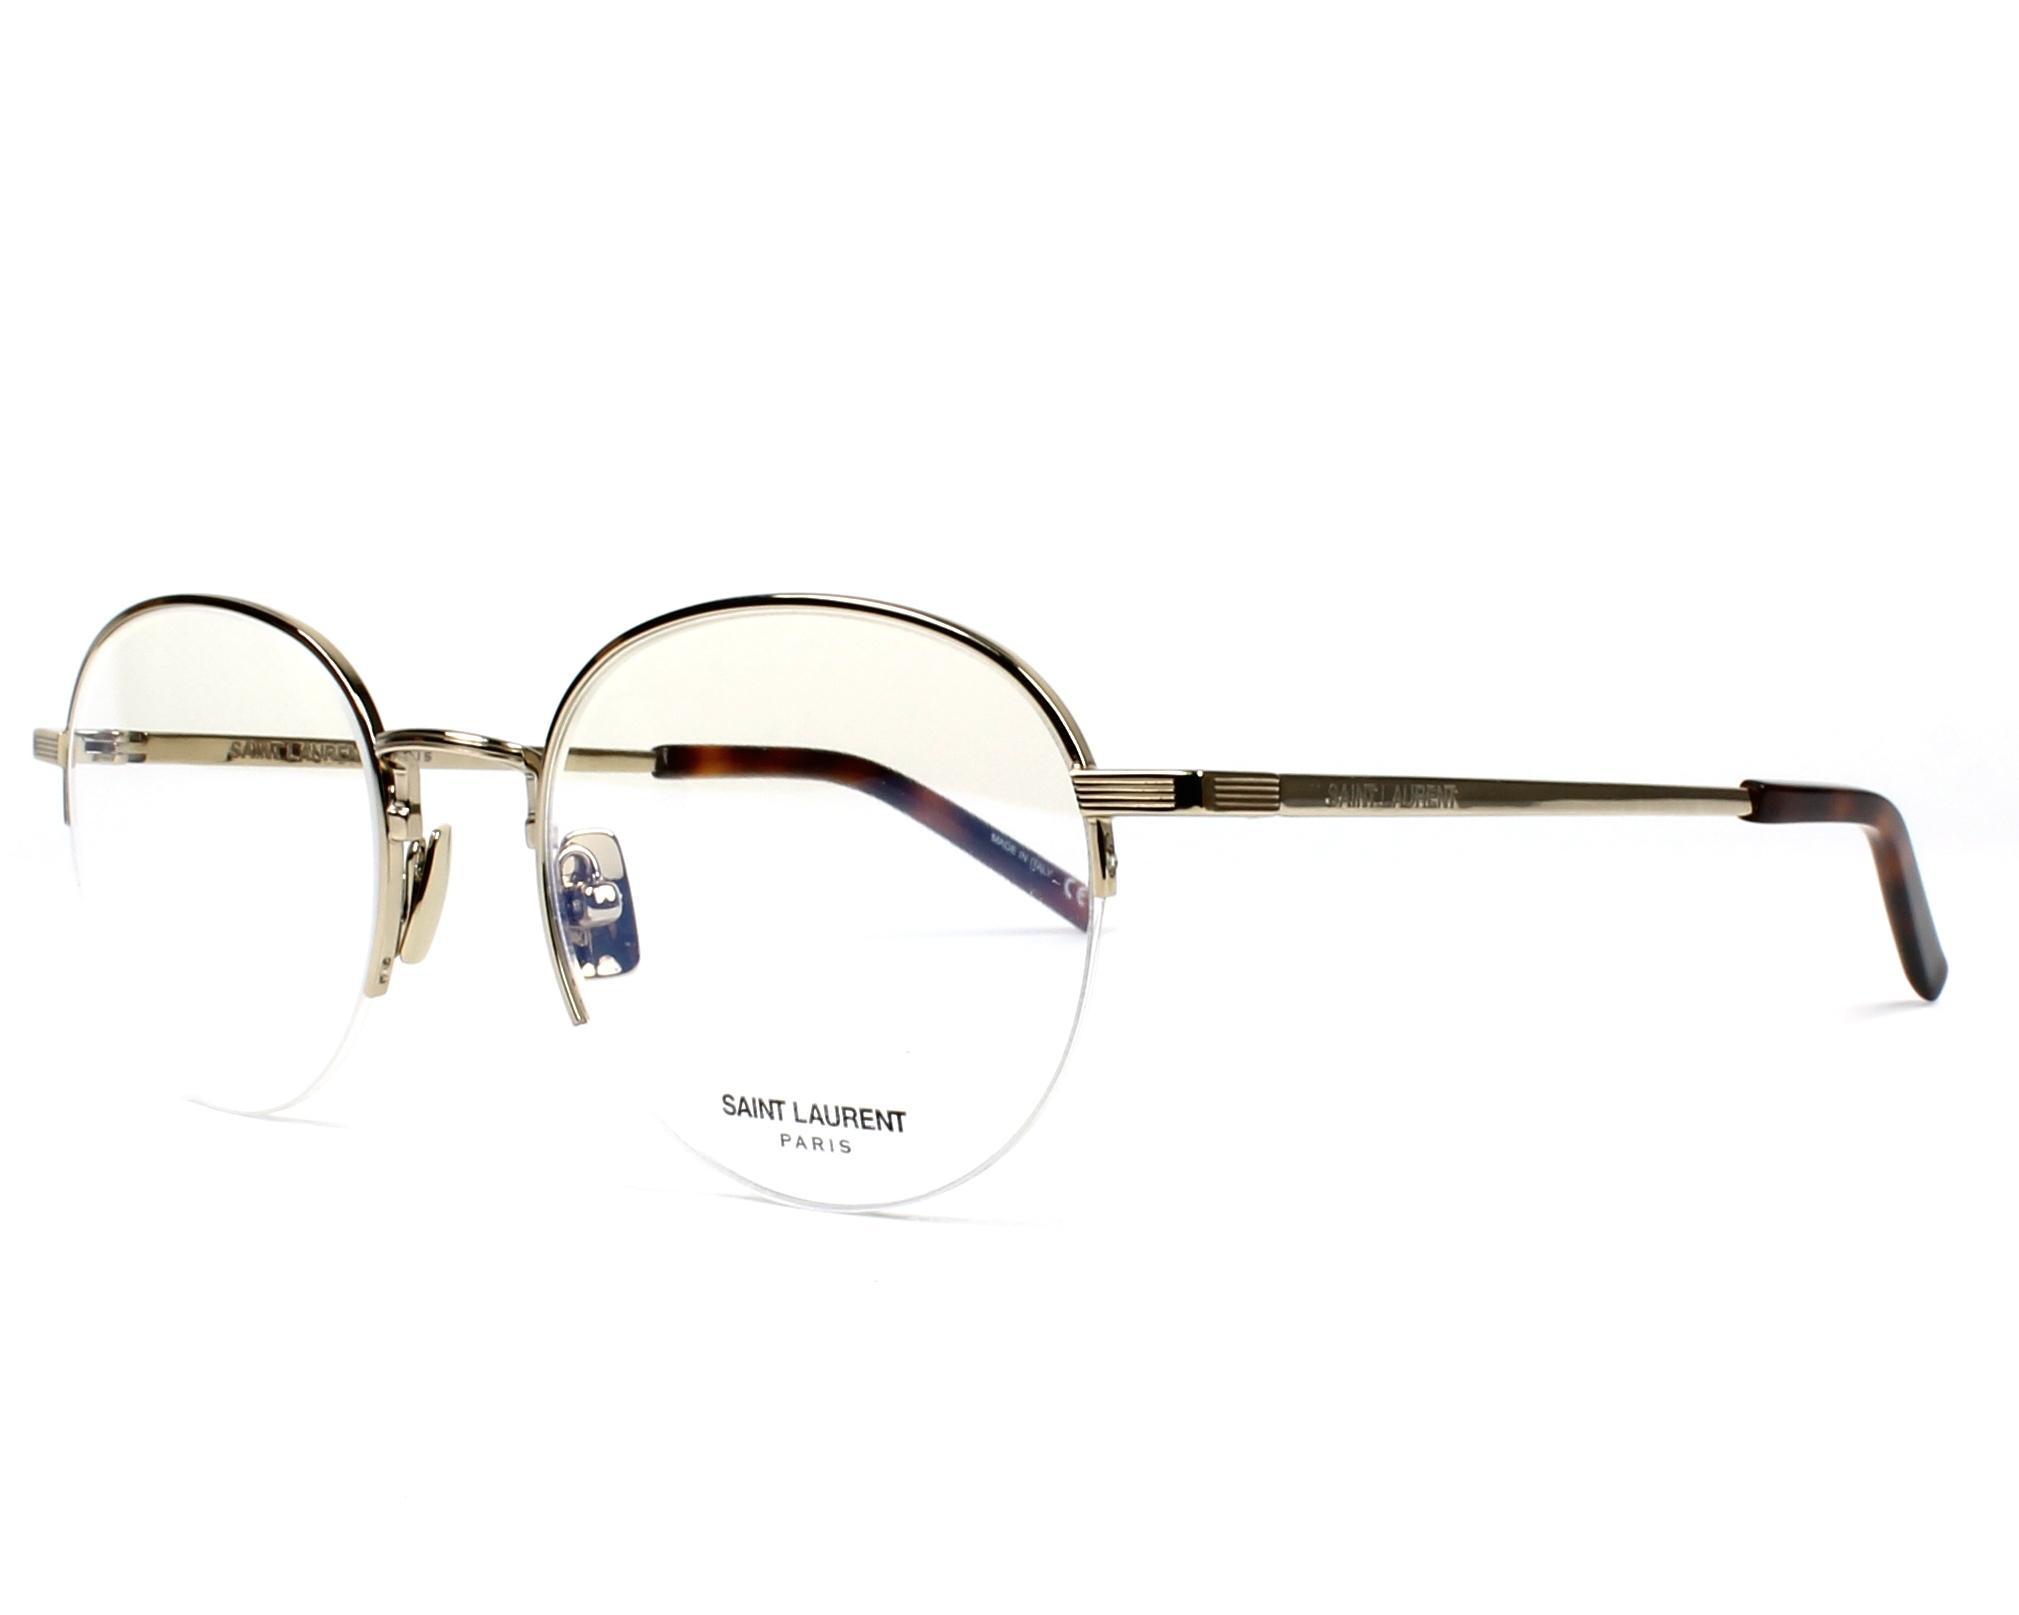 lunettes de vue de yves saint laurent en sl 154 002. Black Bedroom Furniture Sets. Home Design Ideas